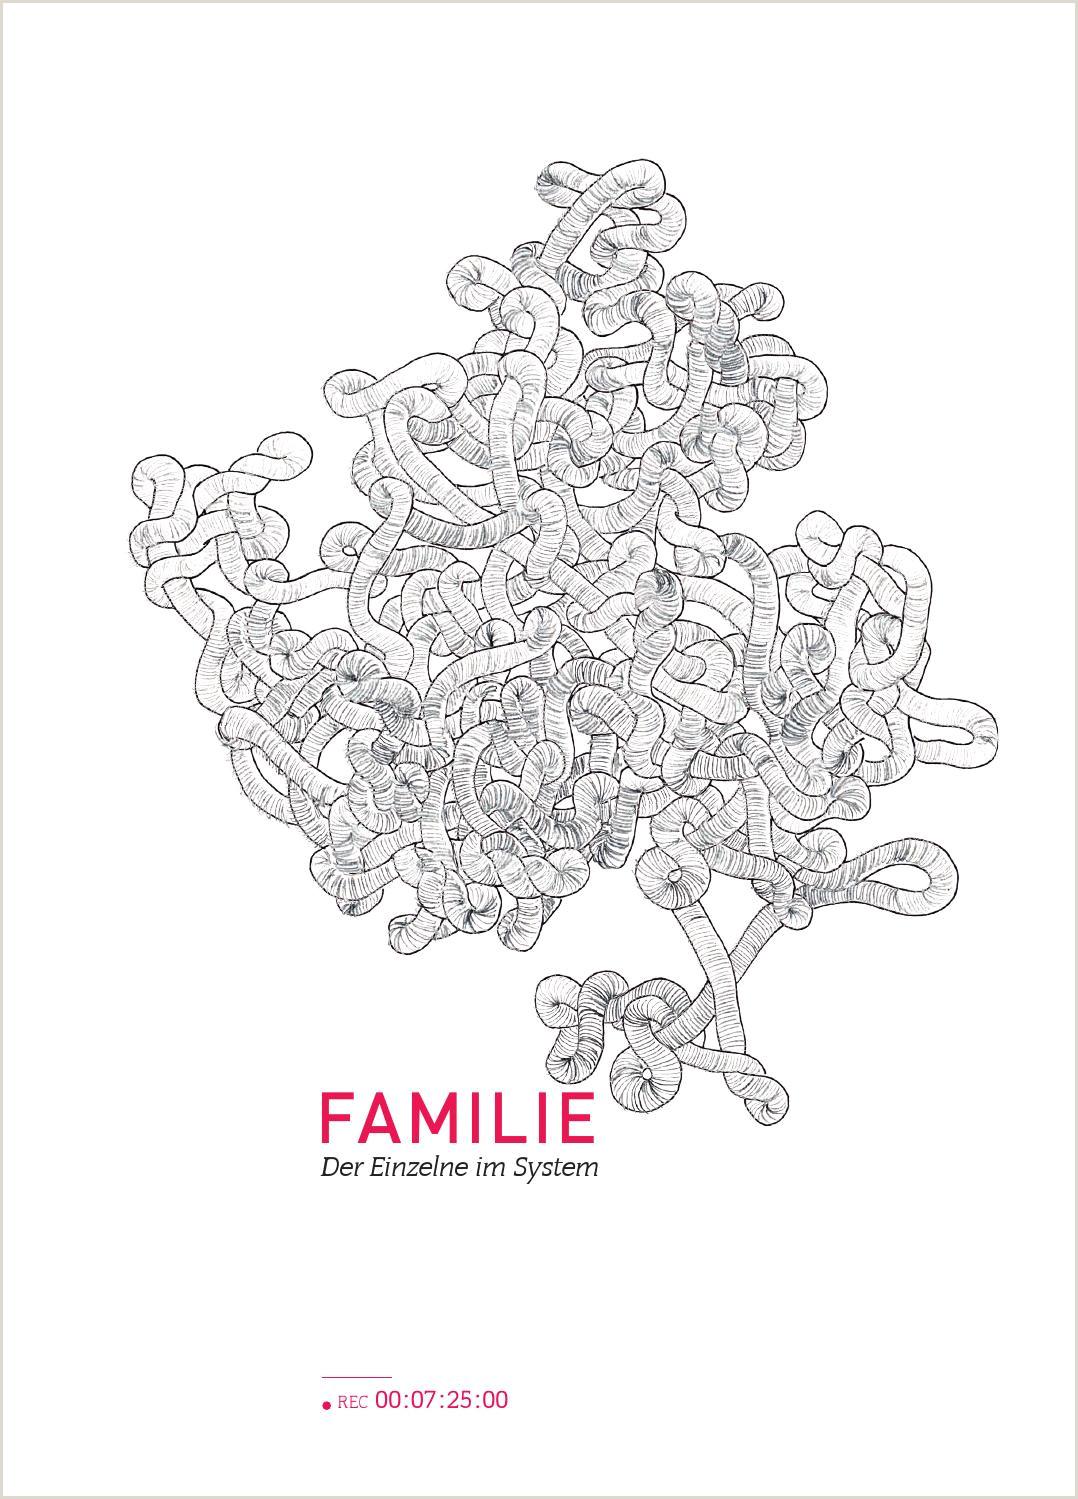 Familie – Der Einzelne im System by Hann L Ore issuu